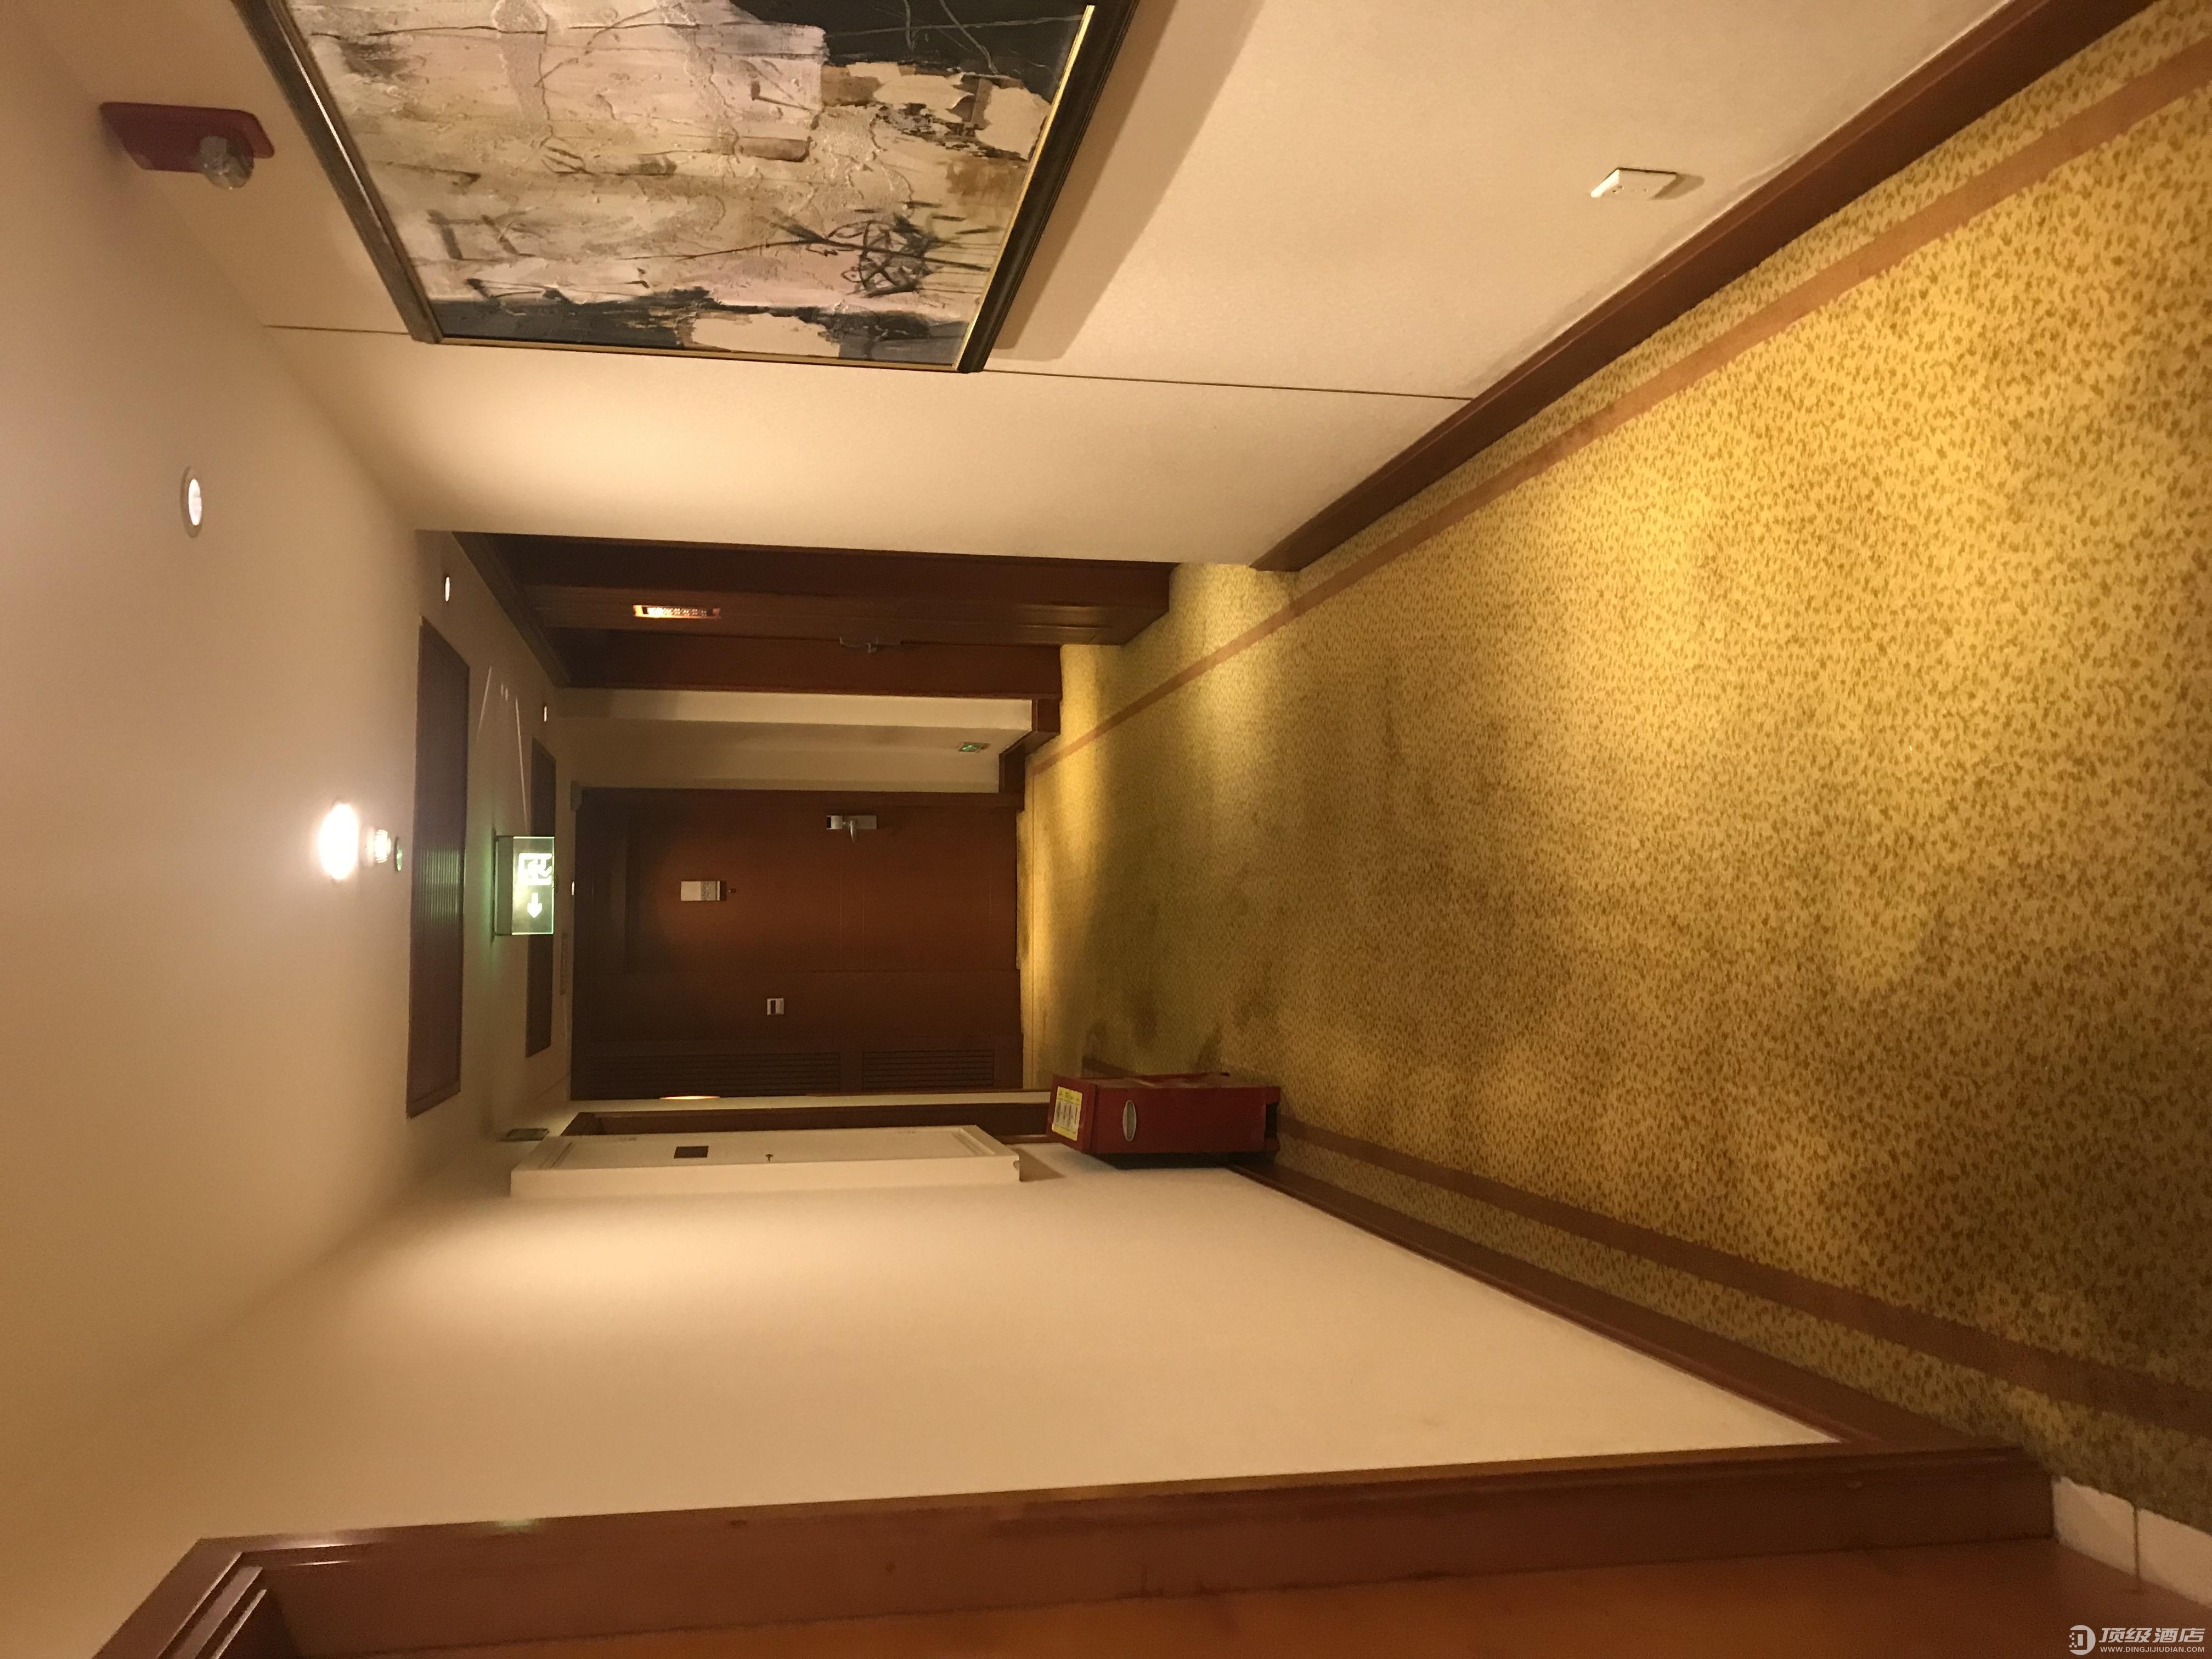 降牌后依旧舒适,重庆解放碑皇冠假日酒店行政套房体验